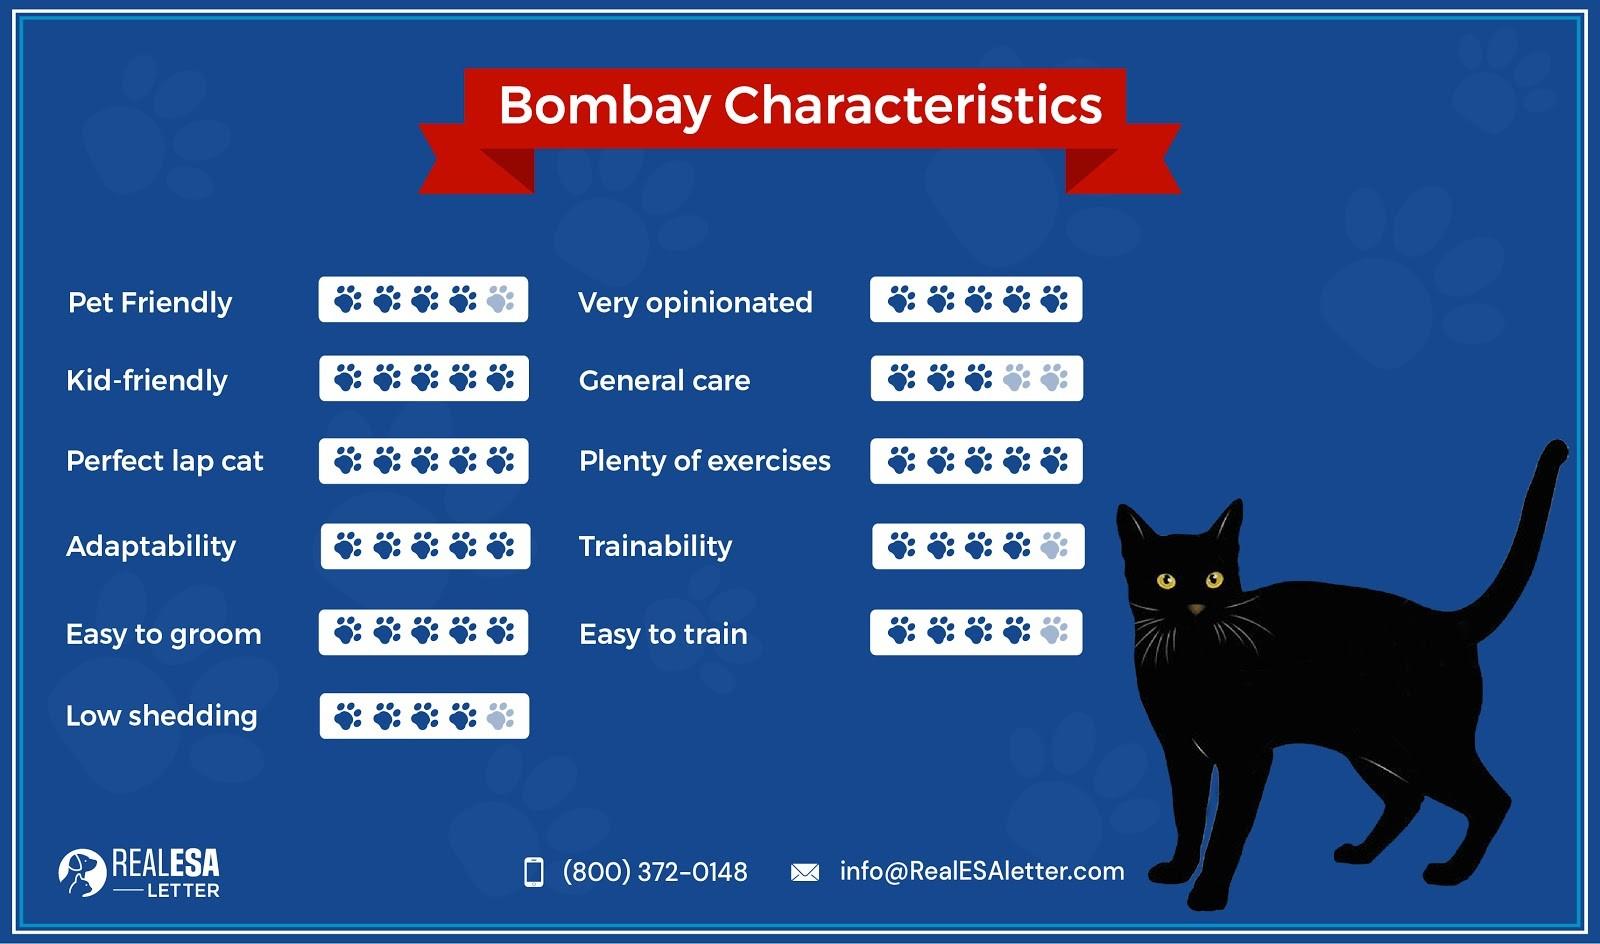 Bombay Characteristics